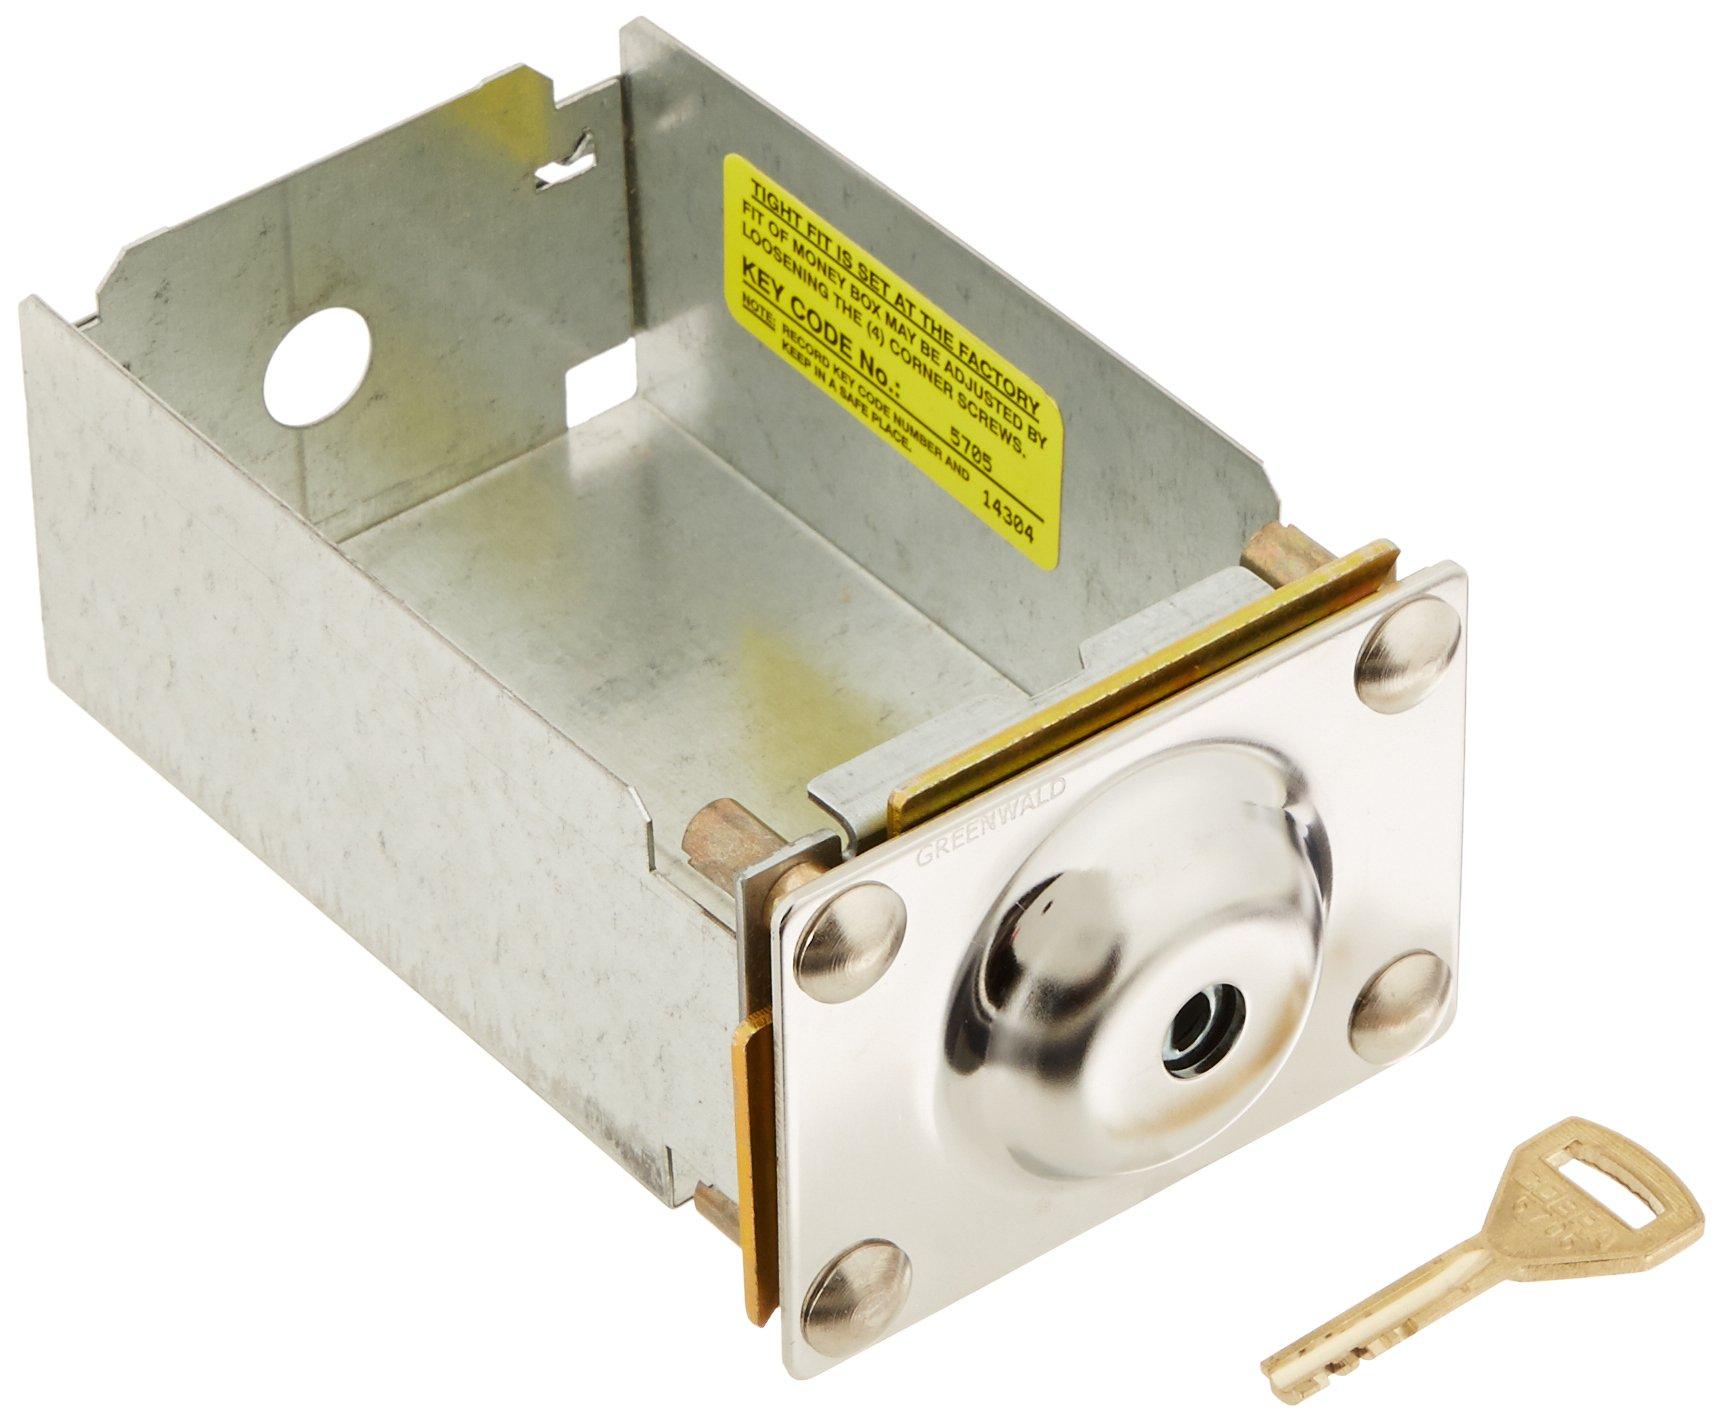 Greenwald Industries 8-1210 Lock Box